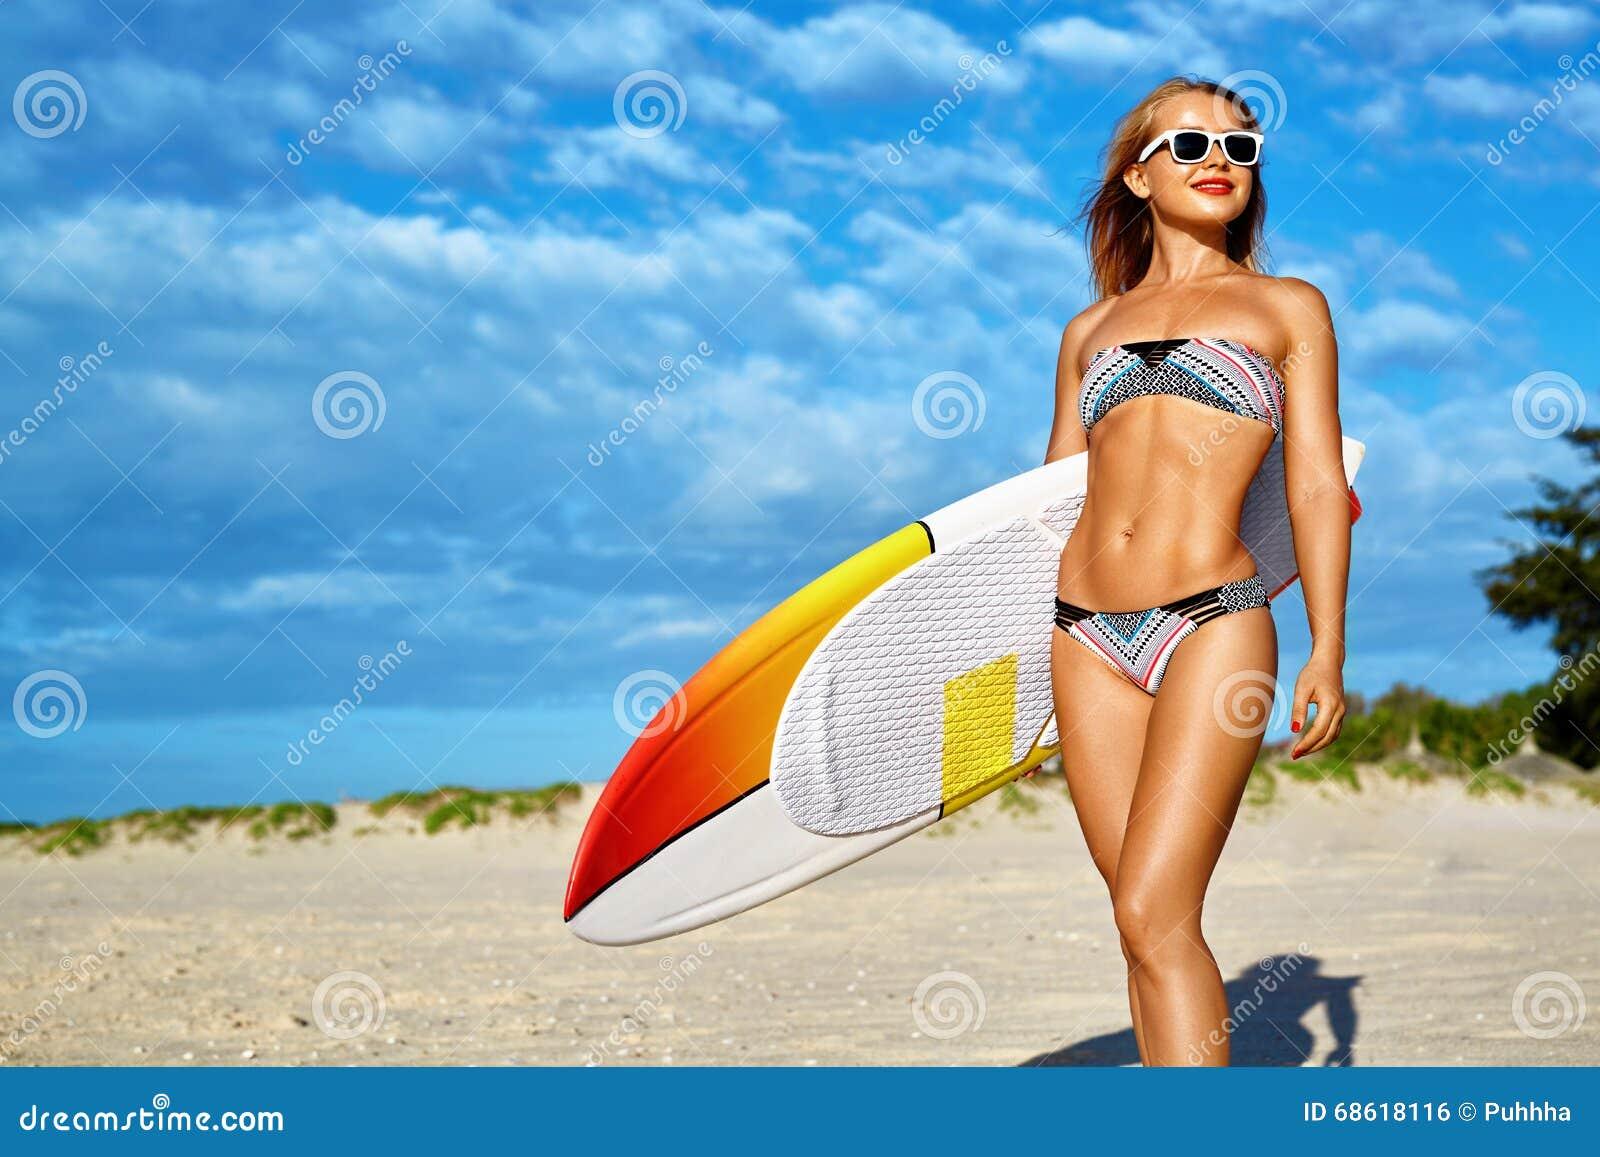 Sport di acqua Praticare il surfing Donna con il surf sulle vacanze di vacanze estive